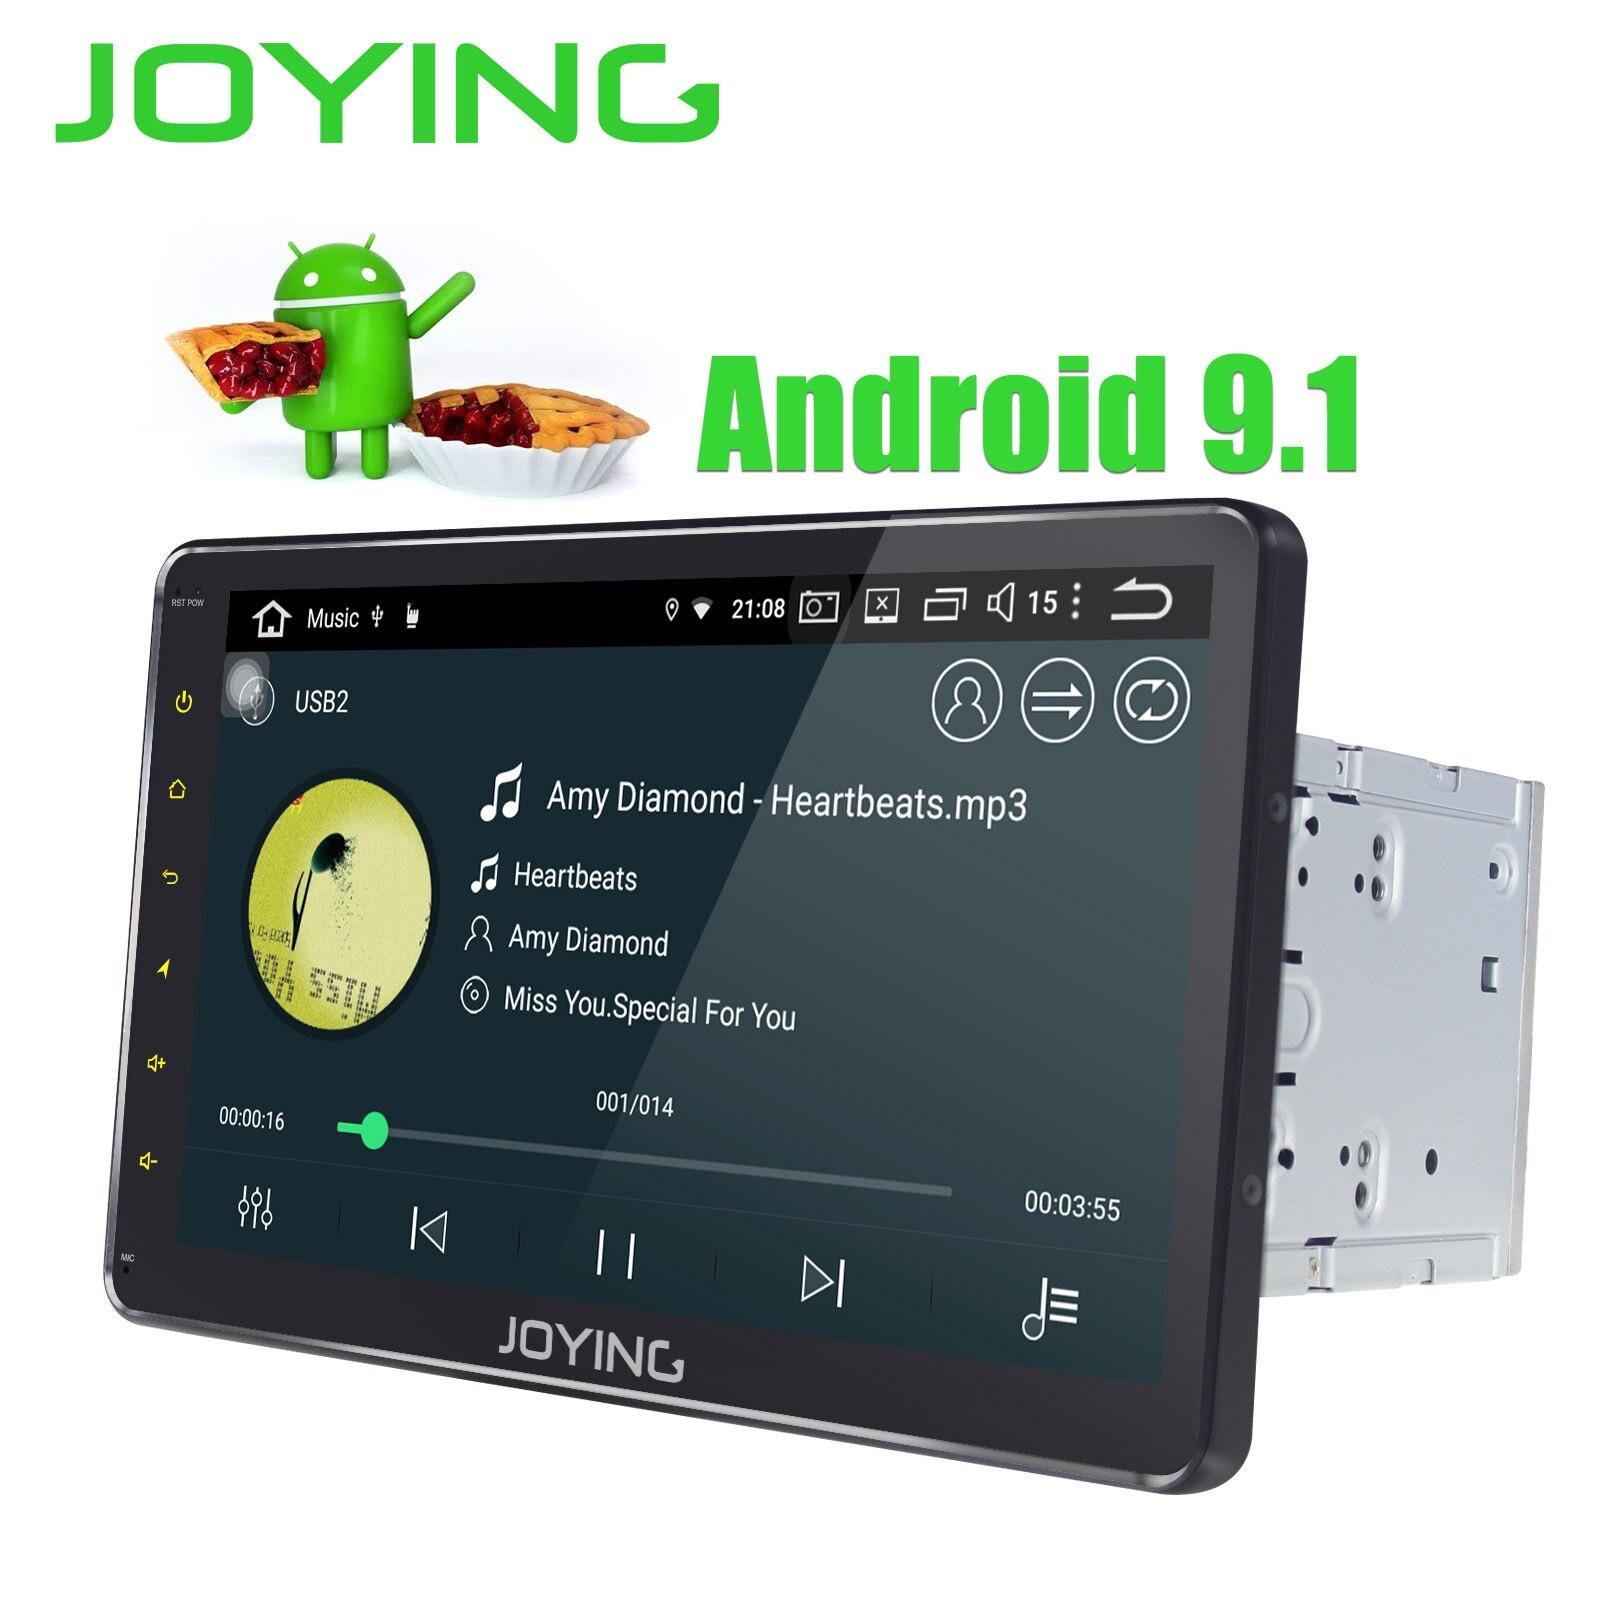 喧騒車のラジオプレーヤーのアンドロイド 10.1 JOYING 9.1